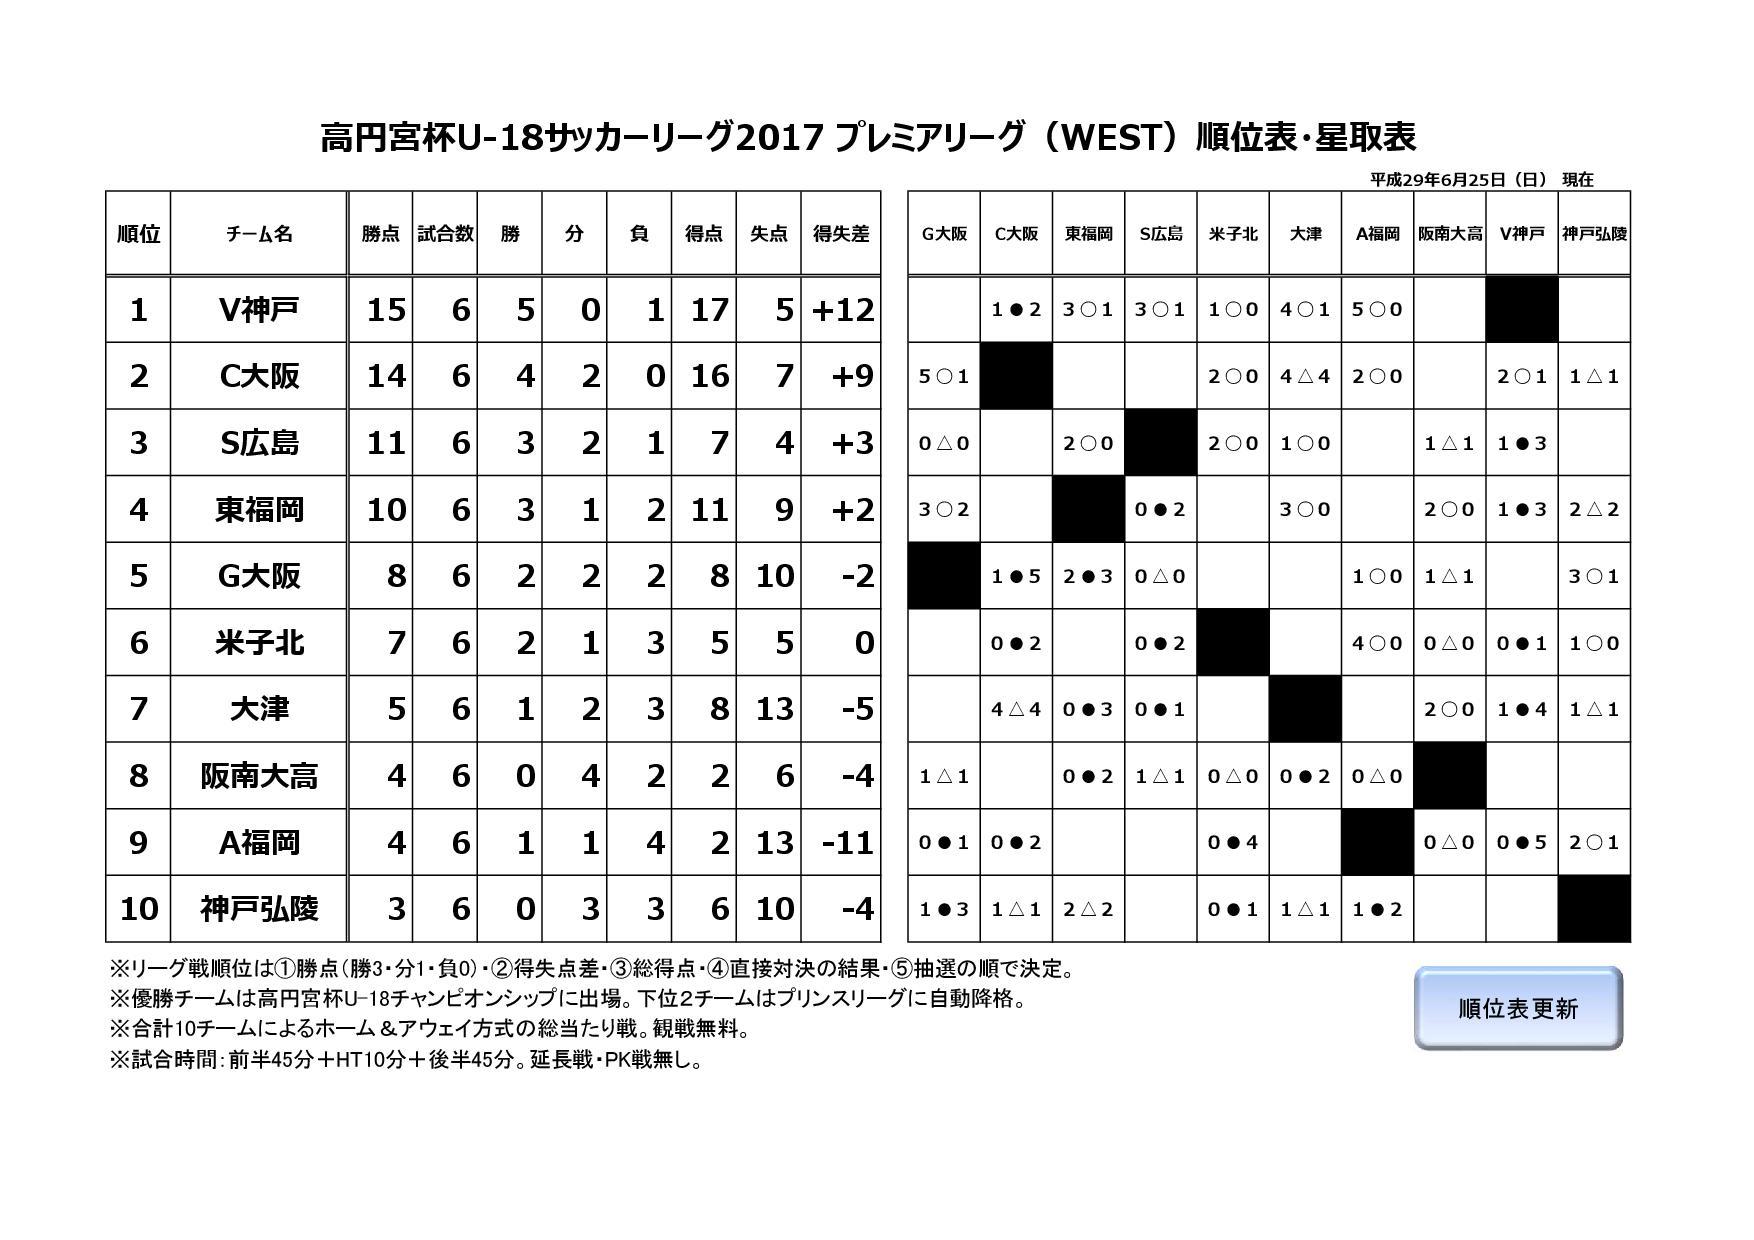 第7回高円宮杯U-18サッカーリーグ2017プレミアリーグWEST